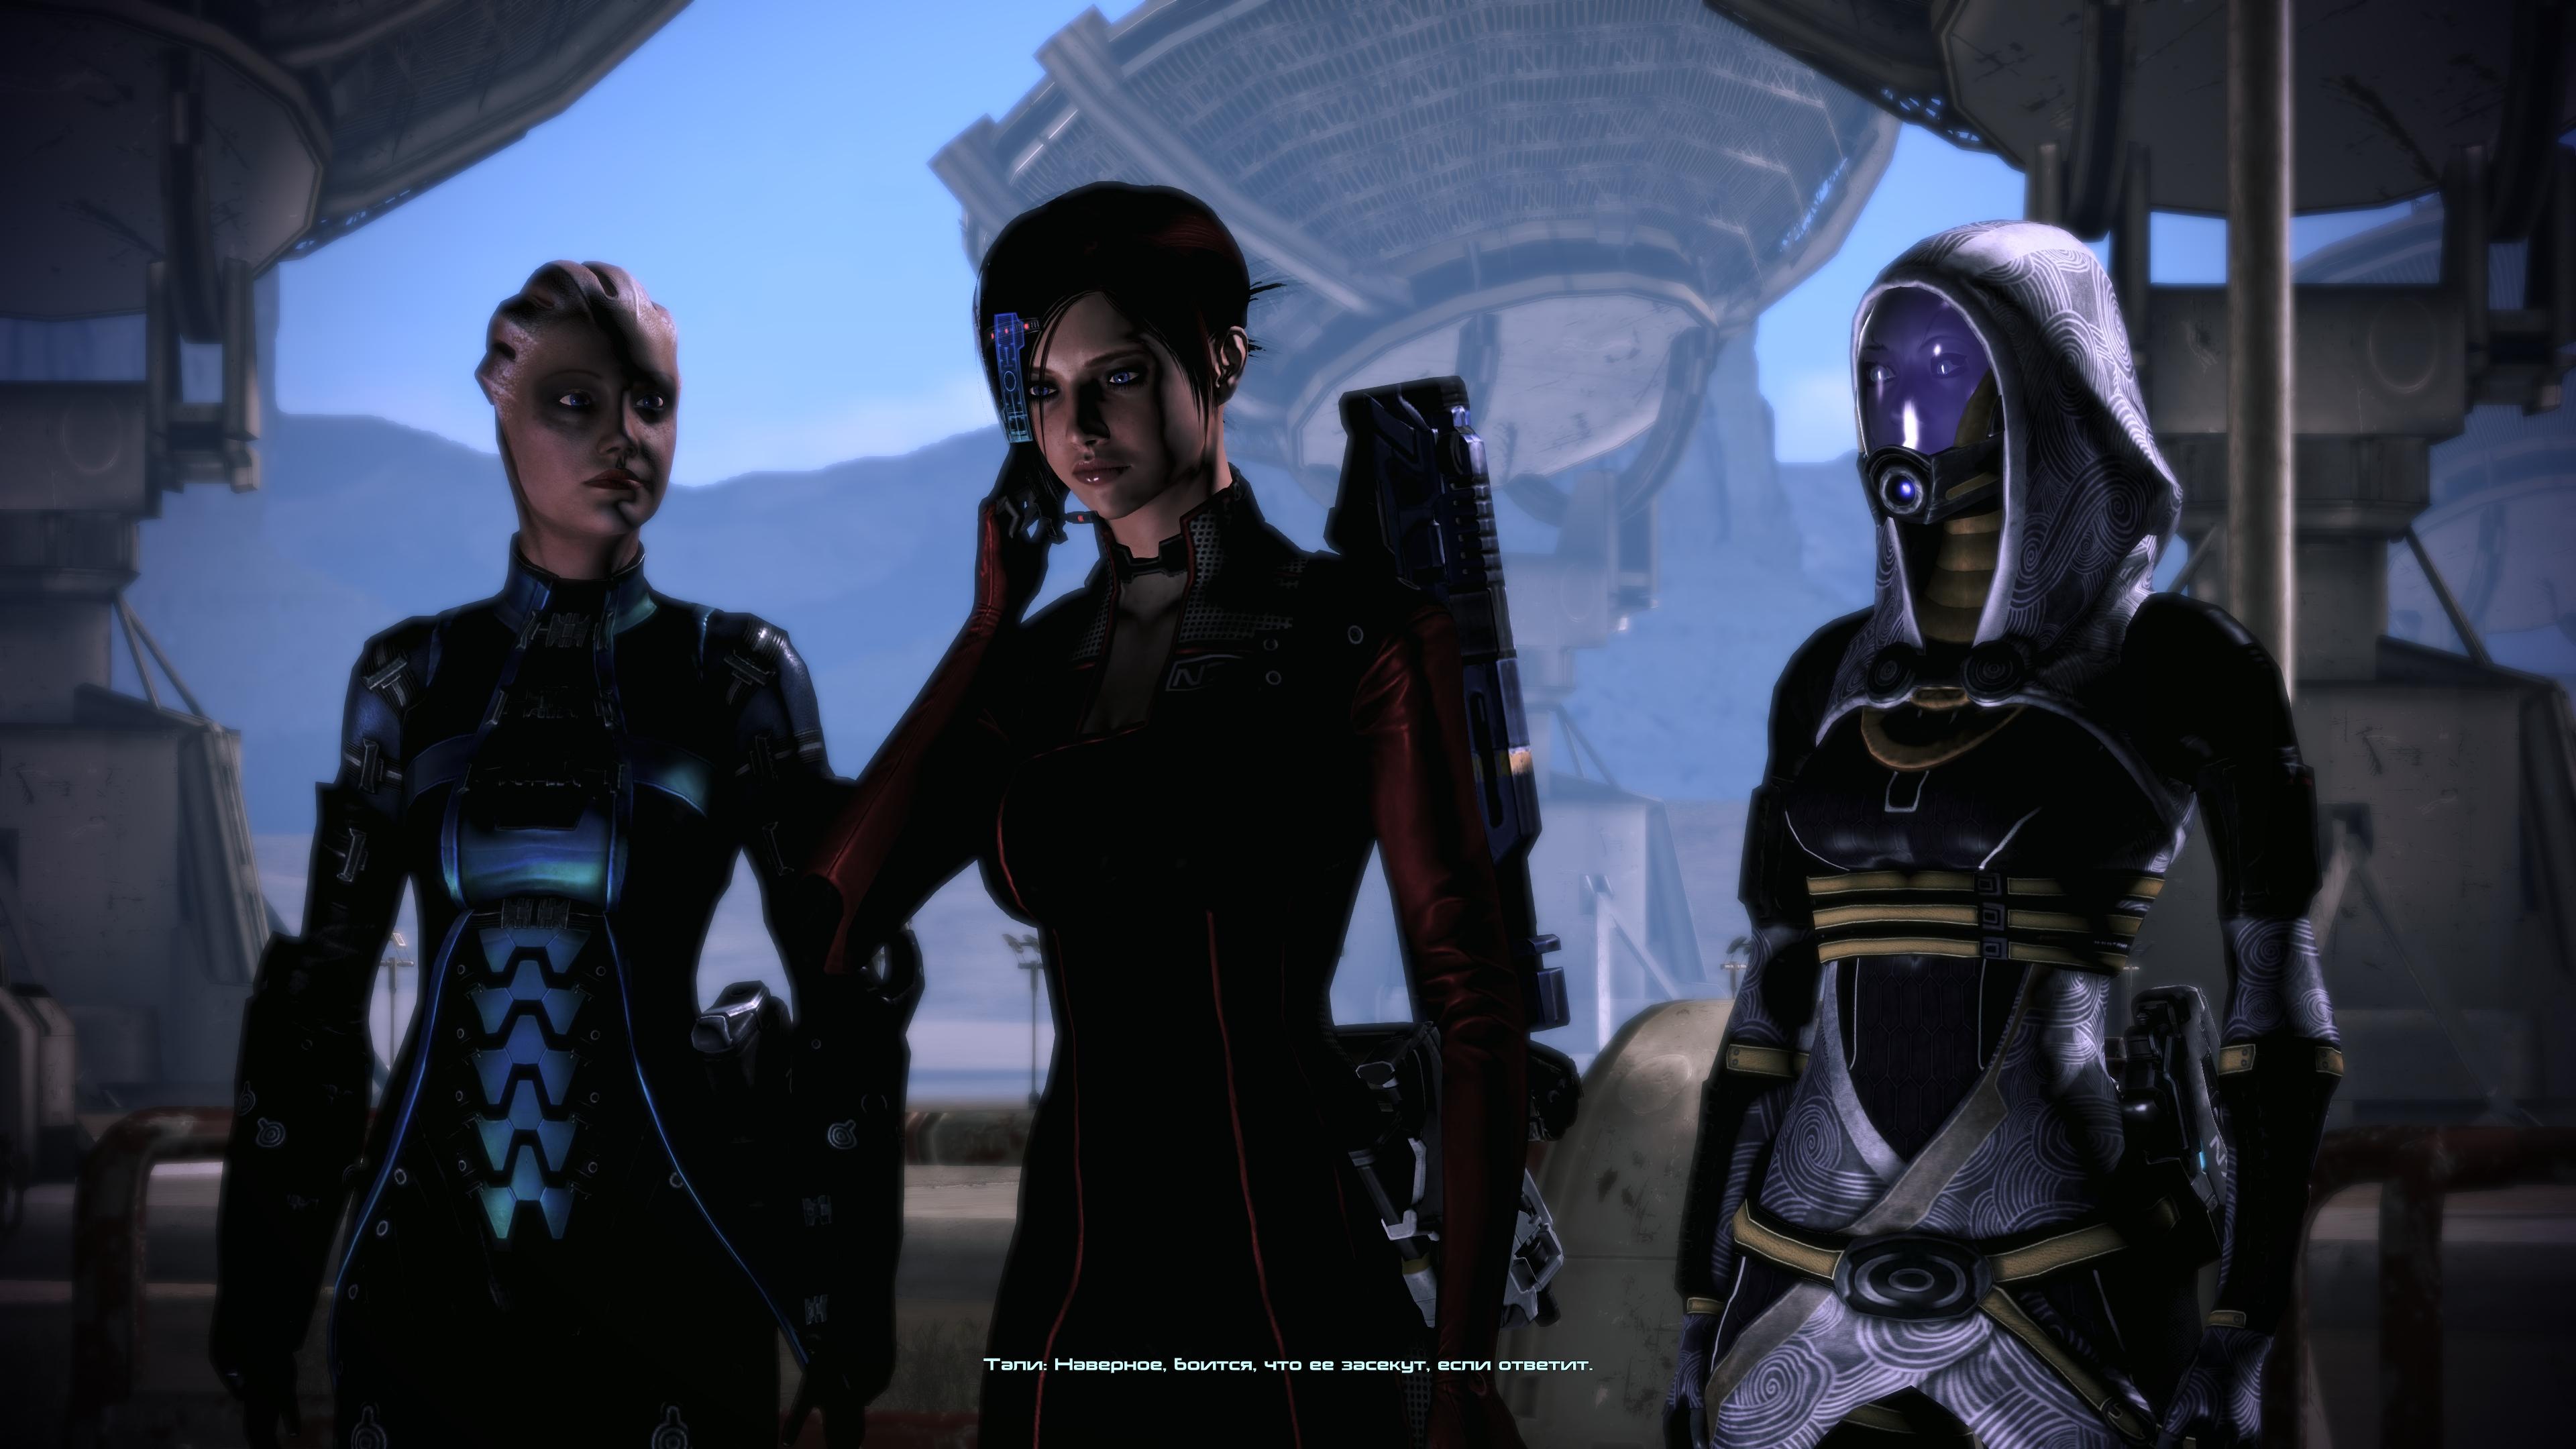 Mass Effect 3 Screenshot 2019.01.21 - 01.07.27.jpg - Mass Effect 3